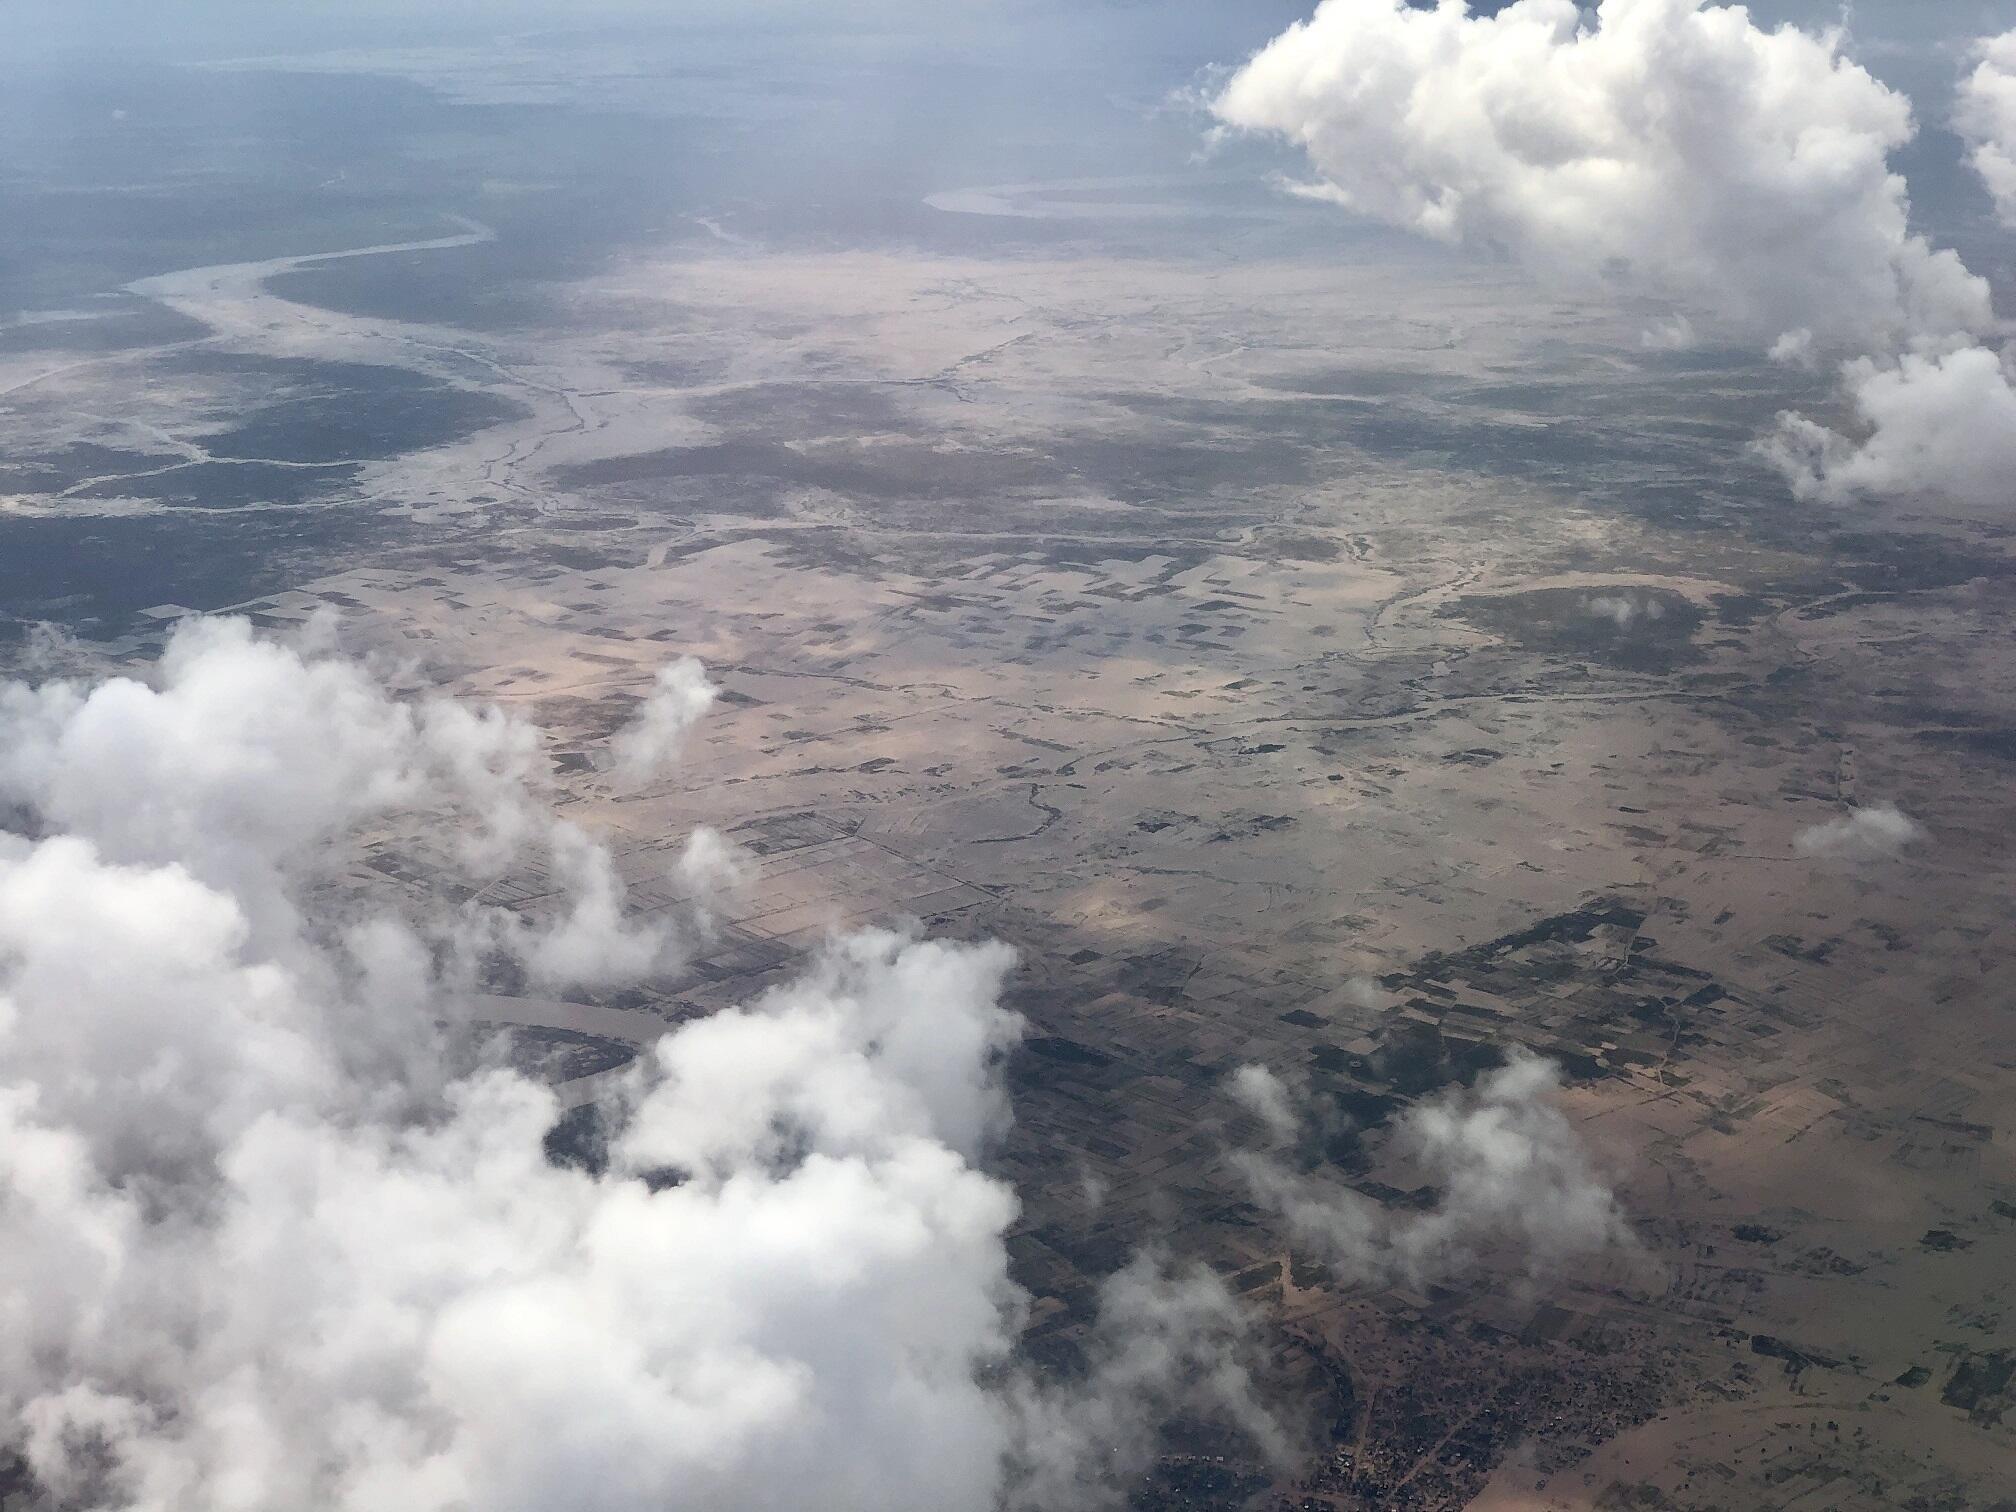 Vista aérea do aeroporto da Beira, devastada pelo ciclone Idai.